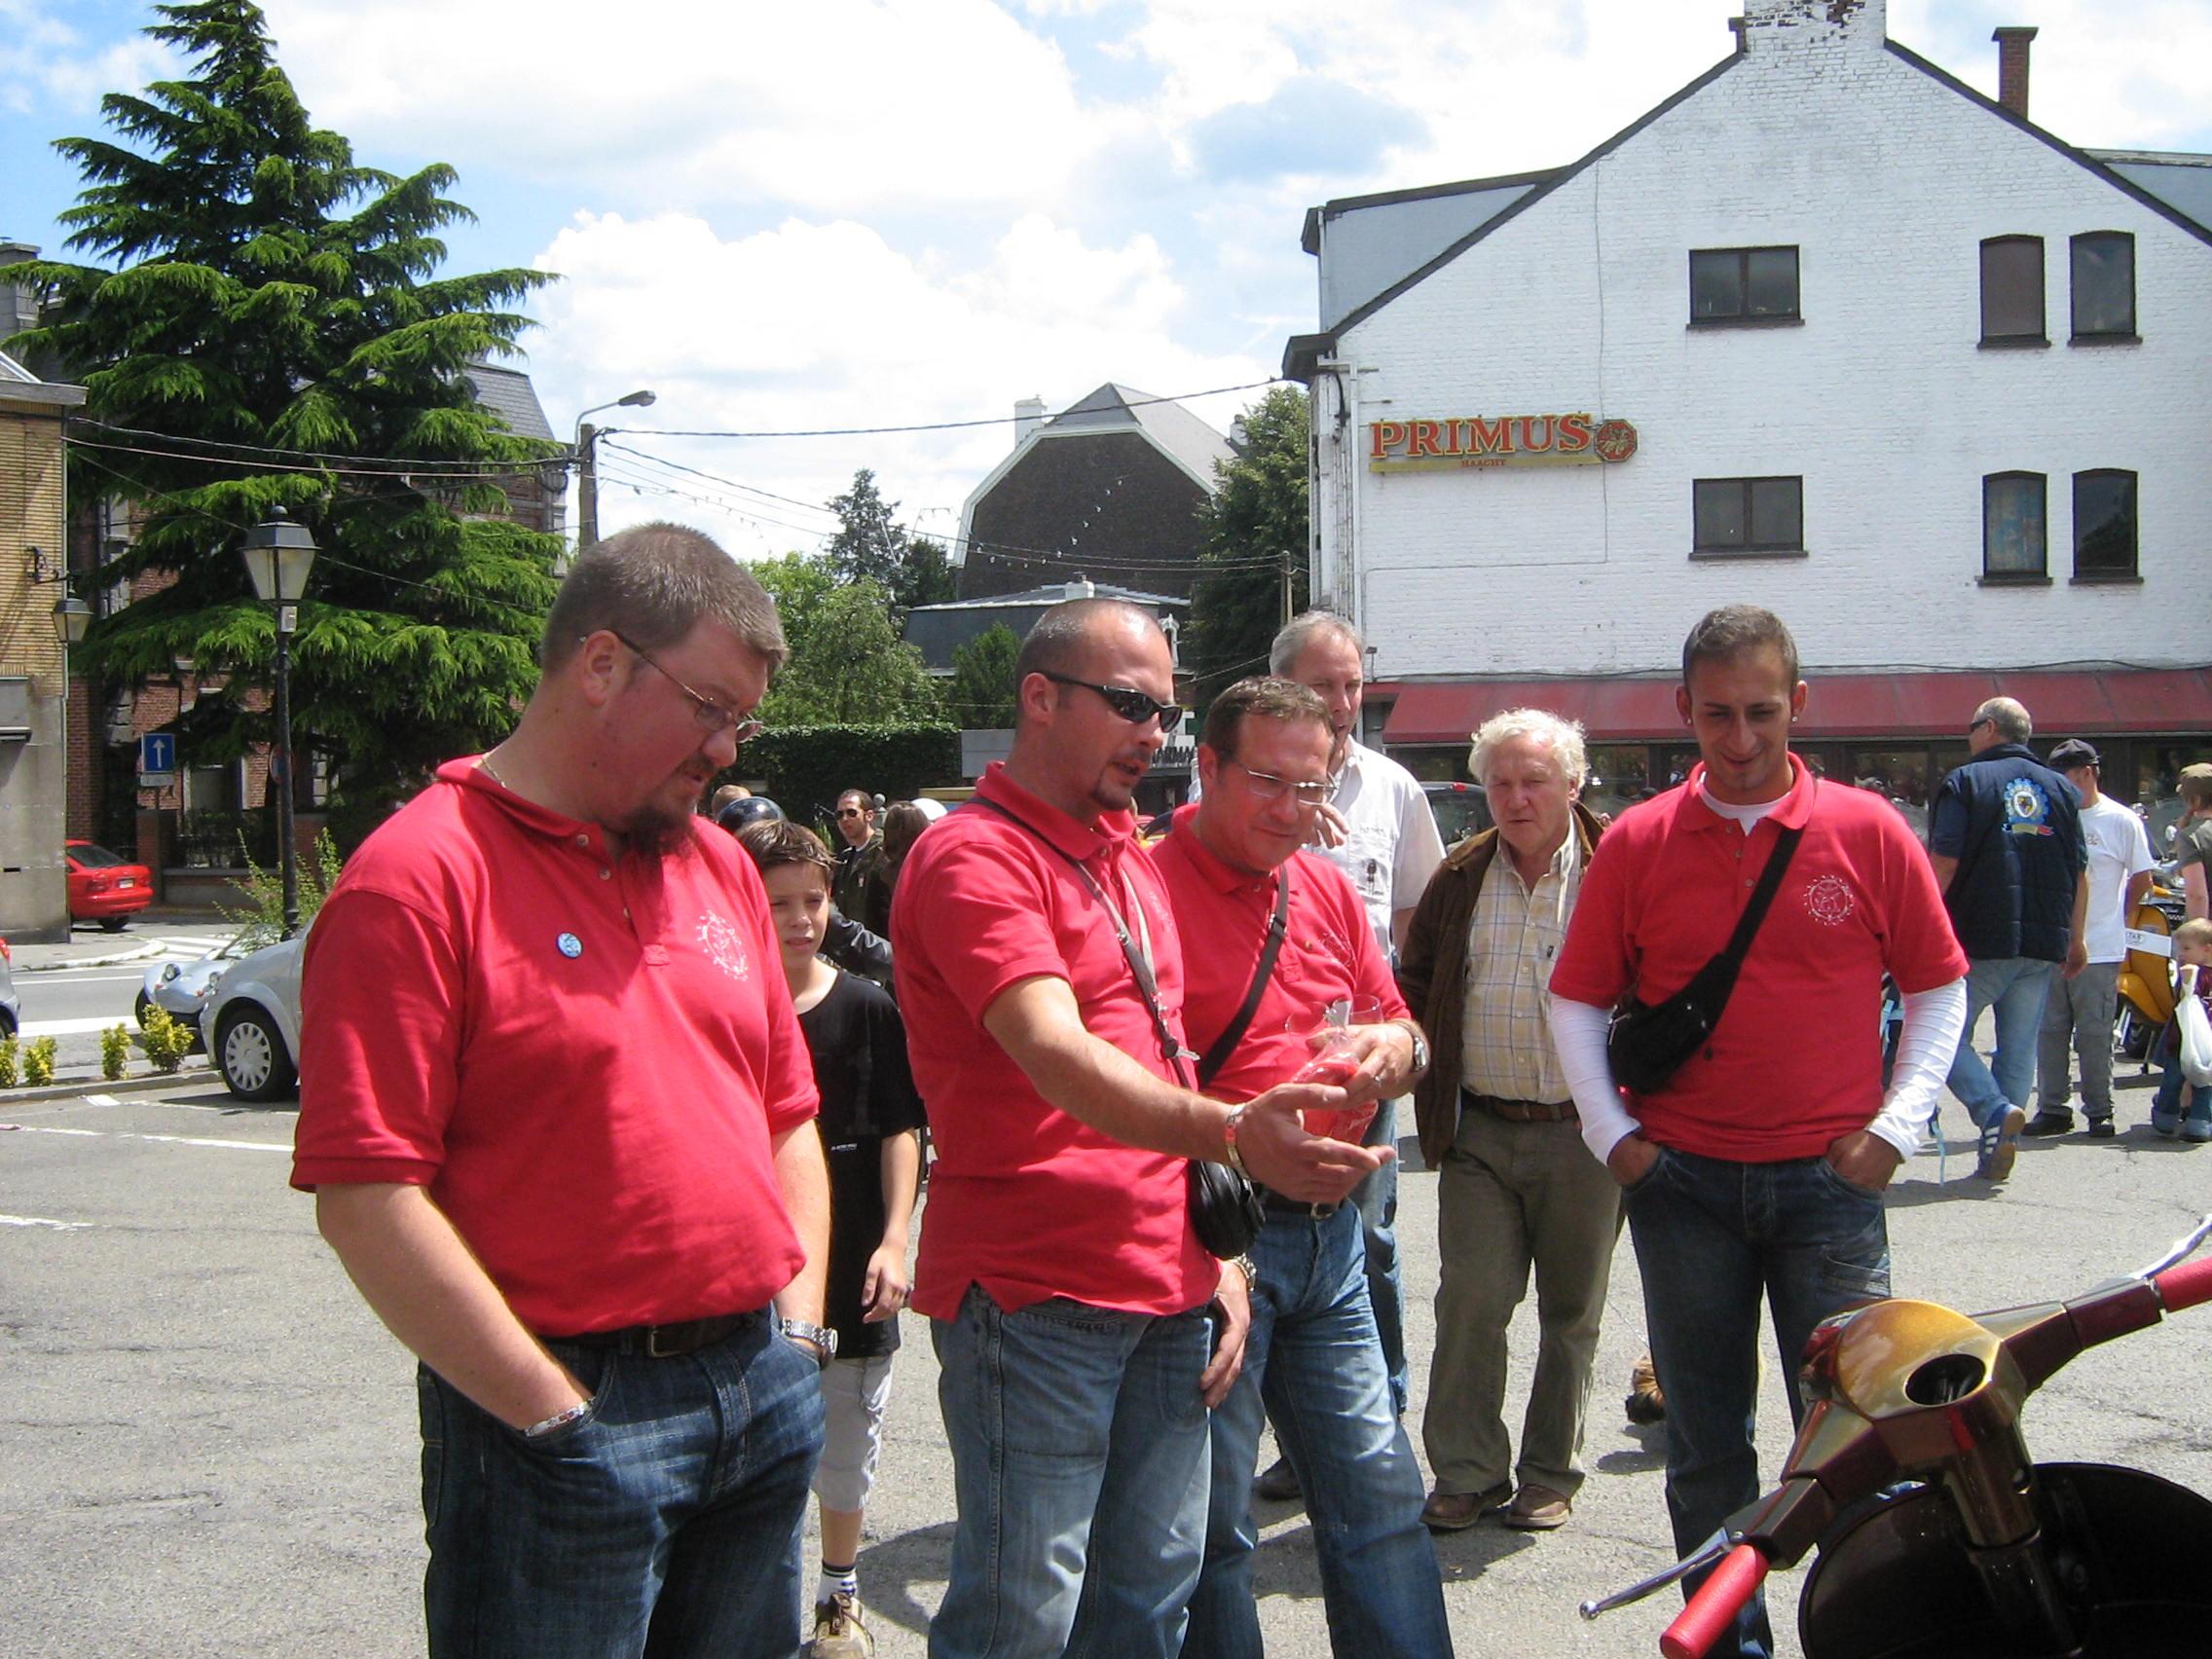 Fred, Gianni, Giuseppe et Alfonso sambreville 072007